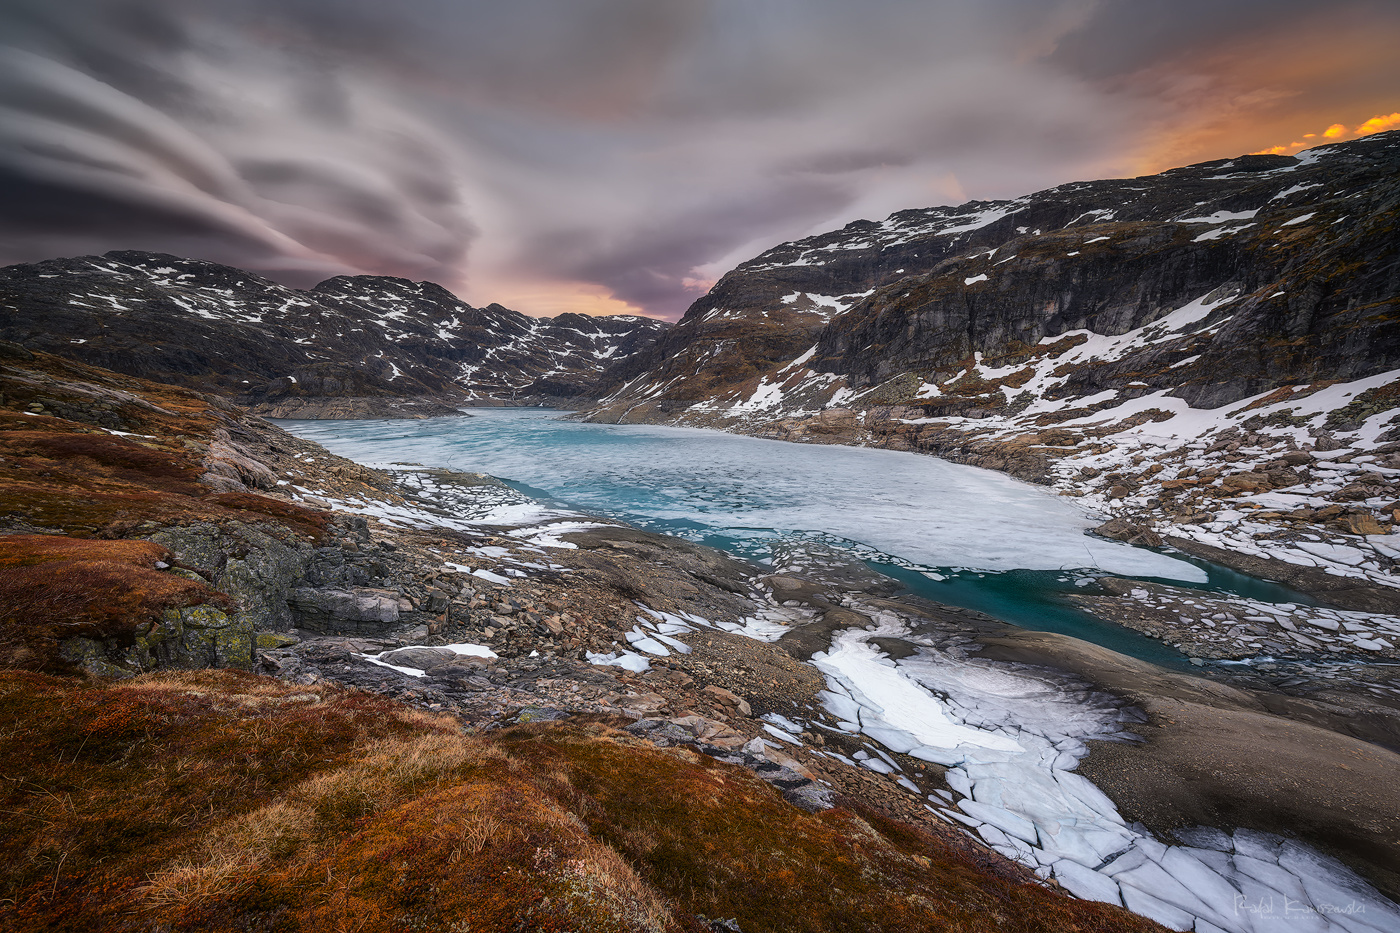 Glacier lake by Rafal Kani